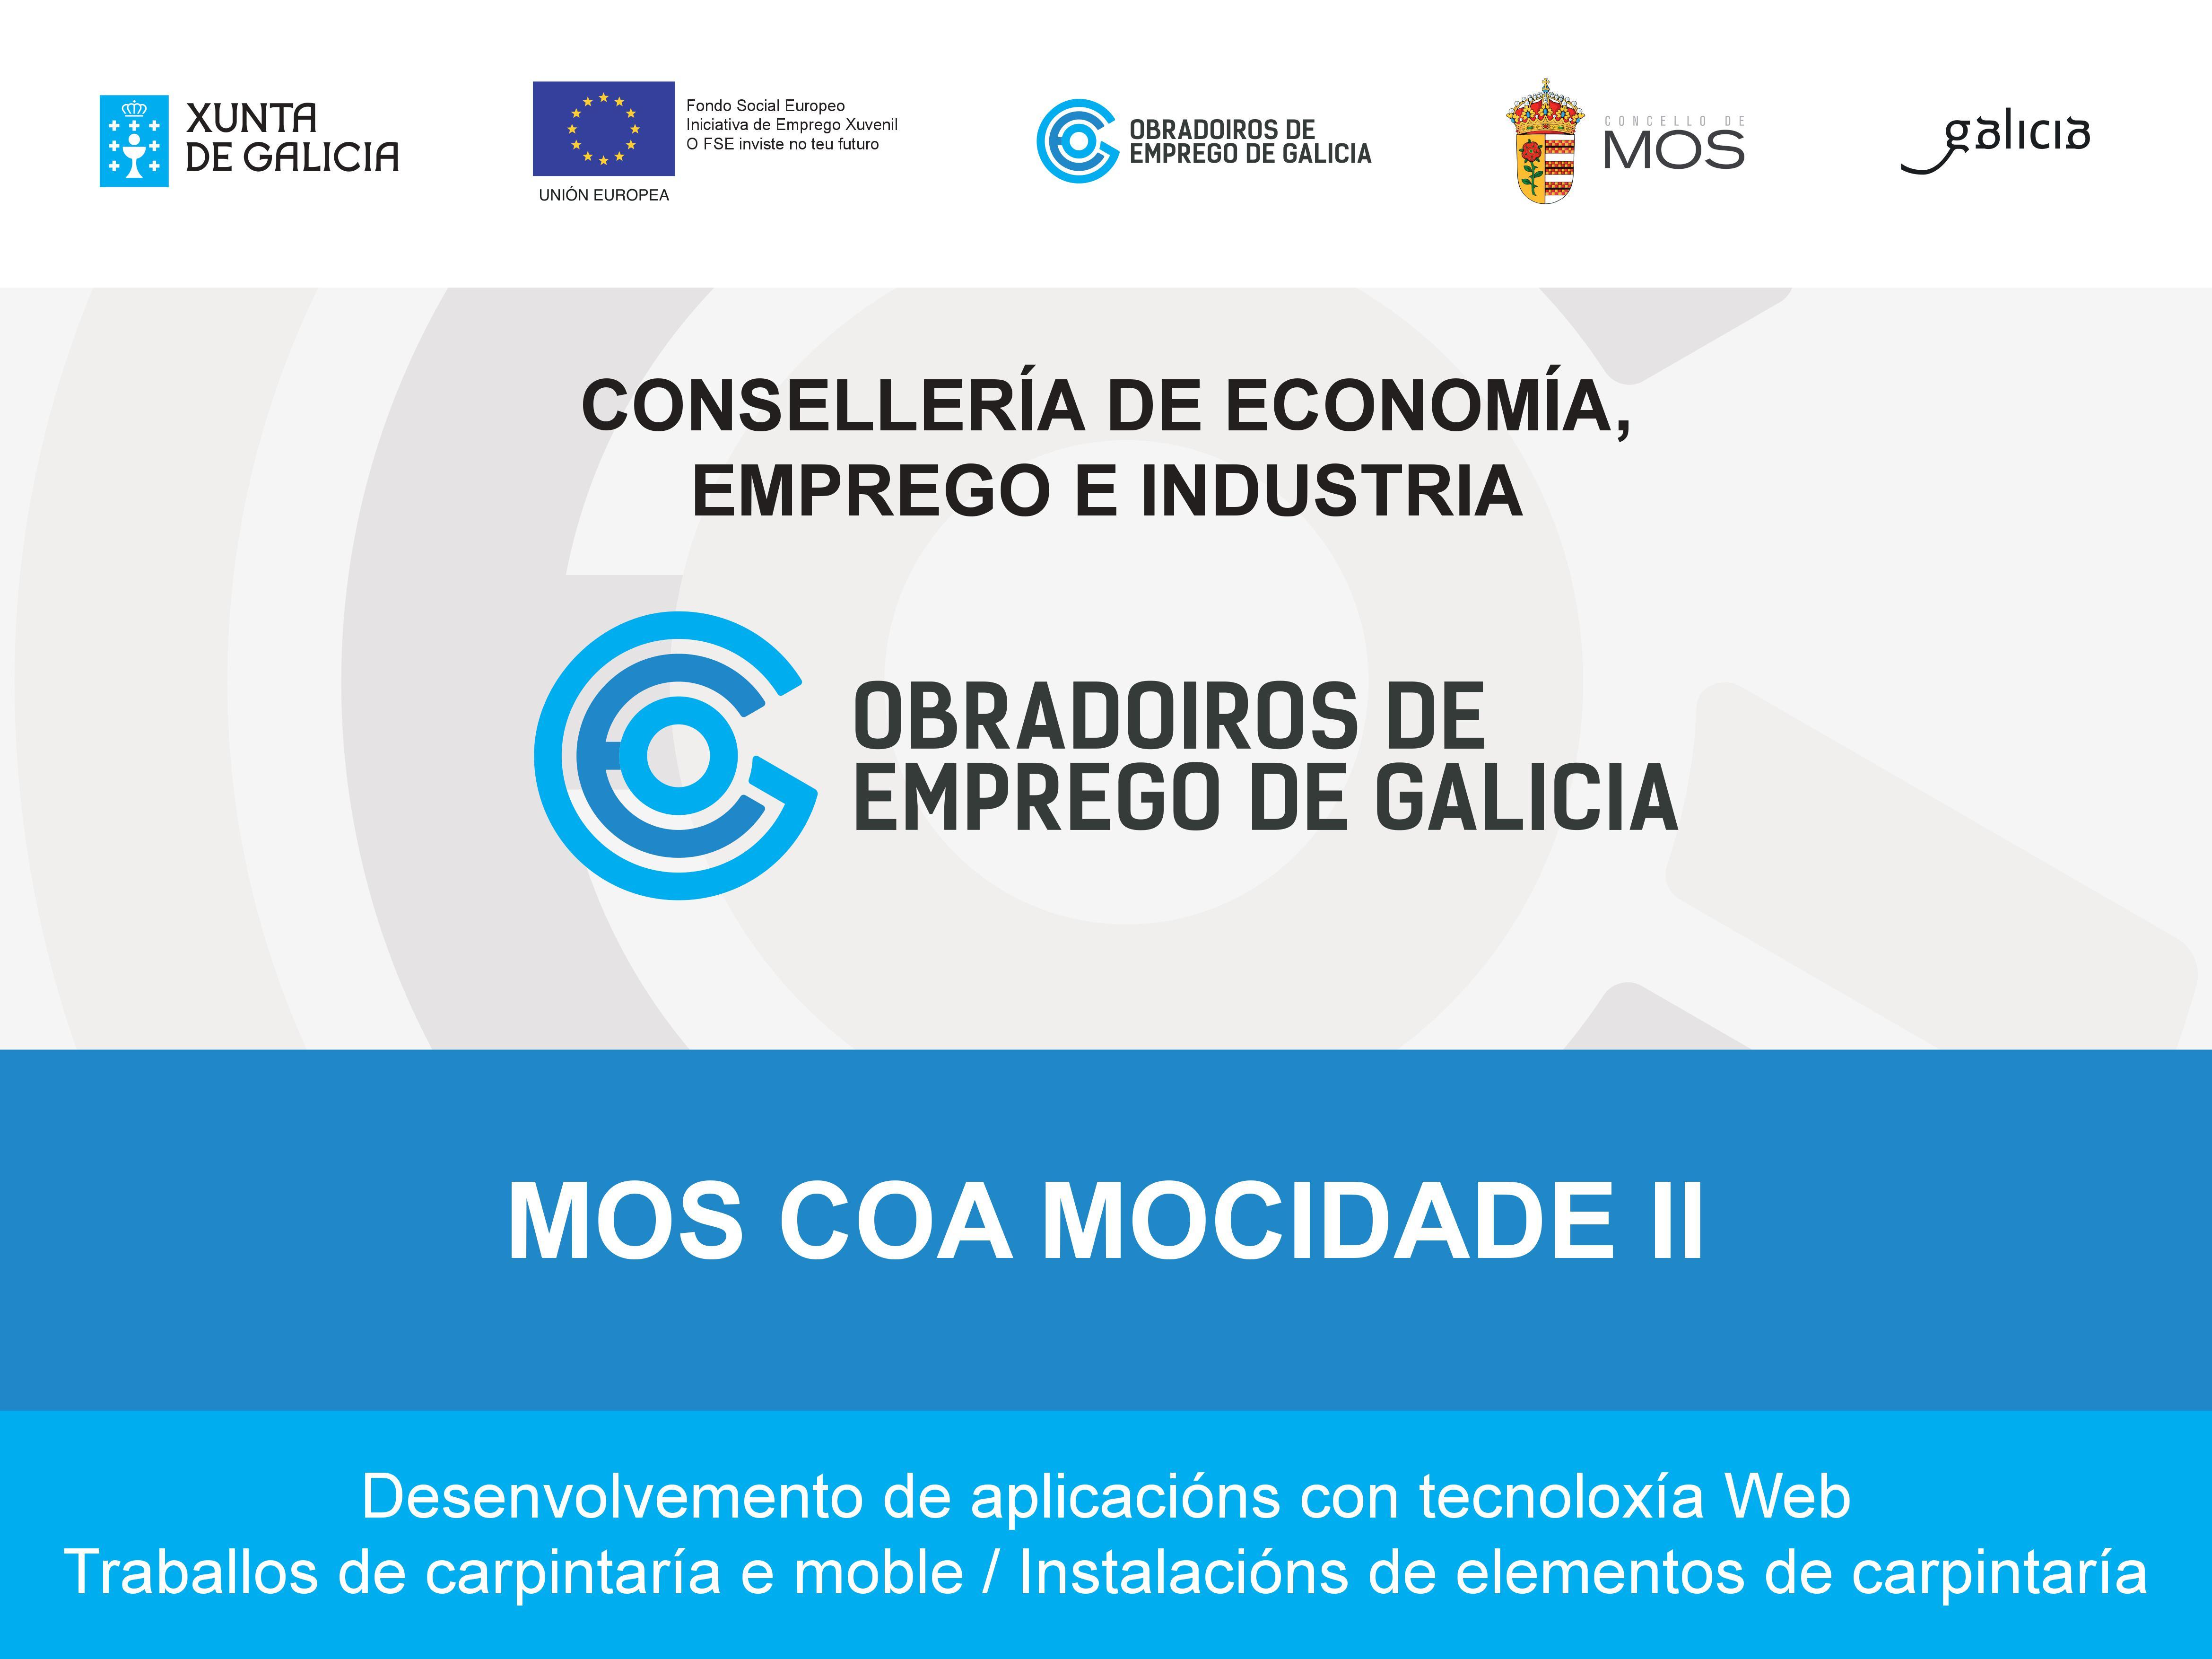 MOS COA MOCIDADE II